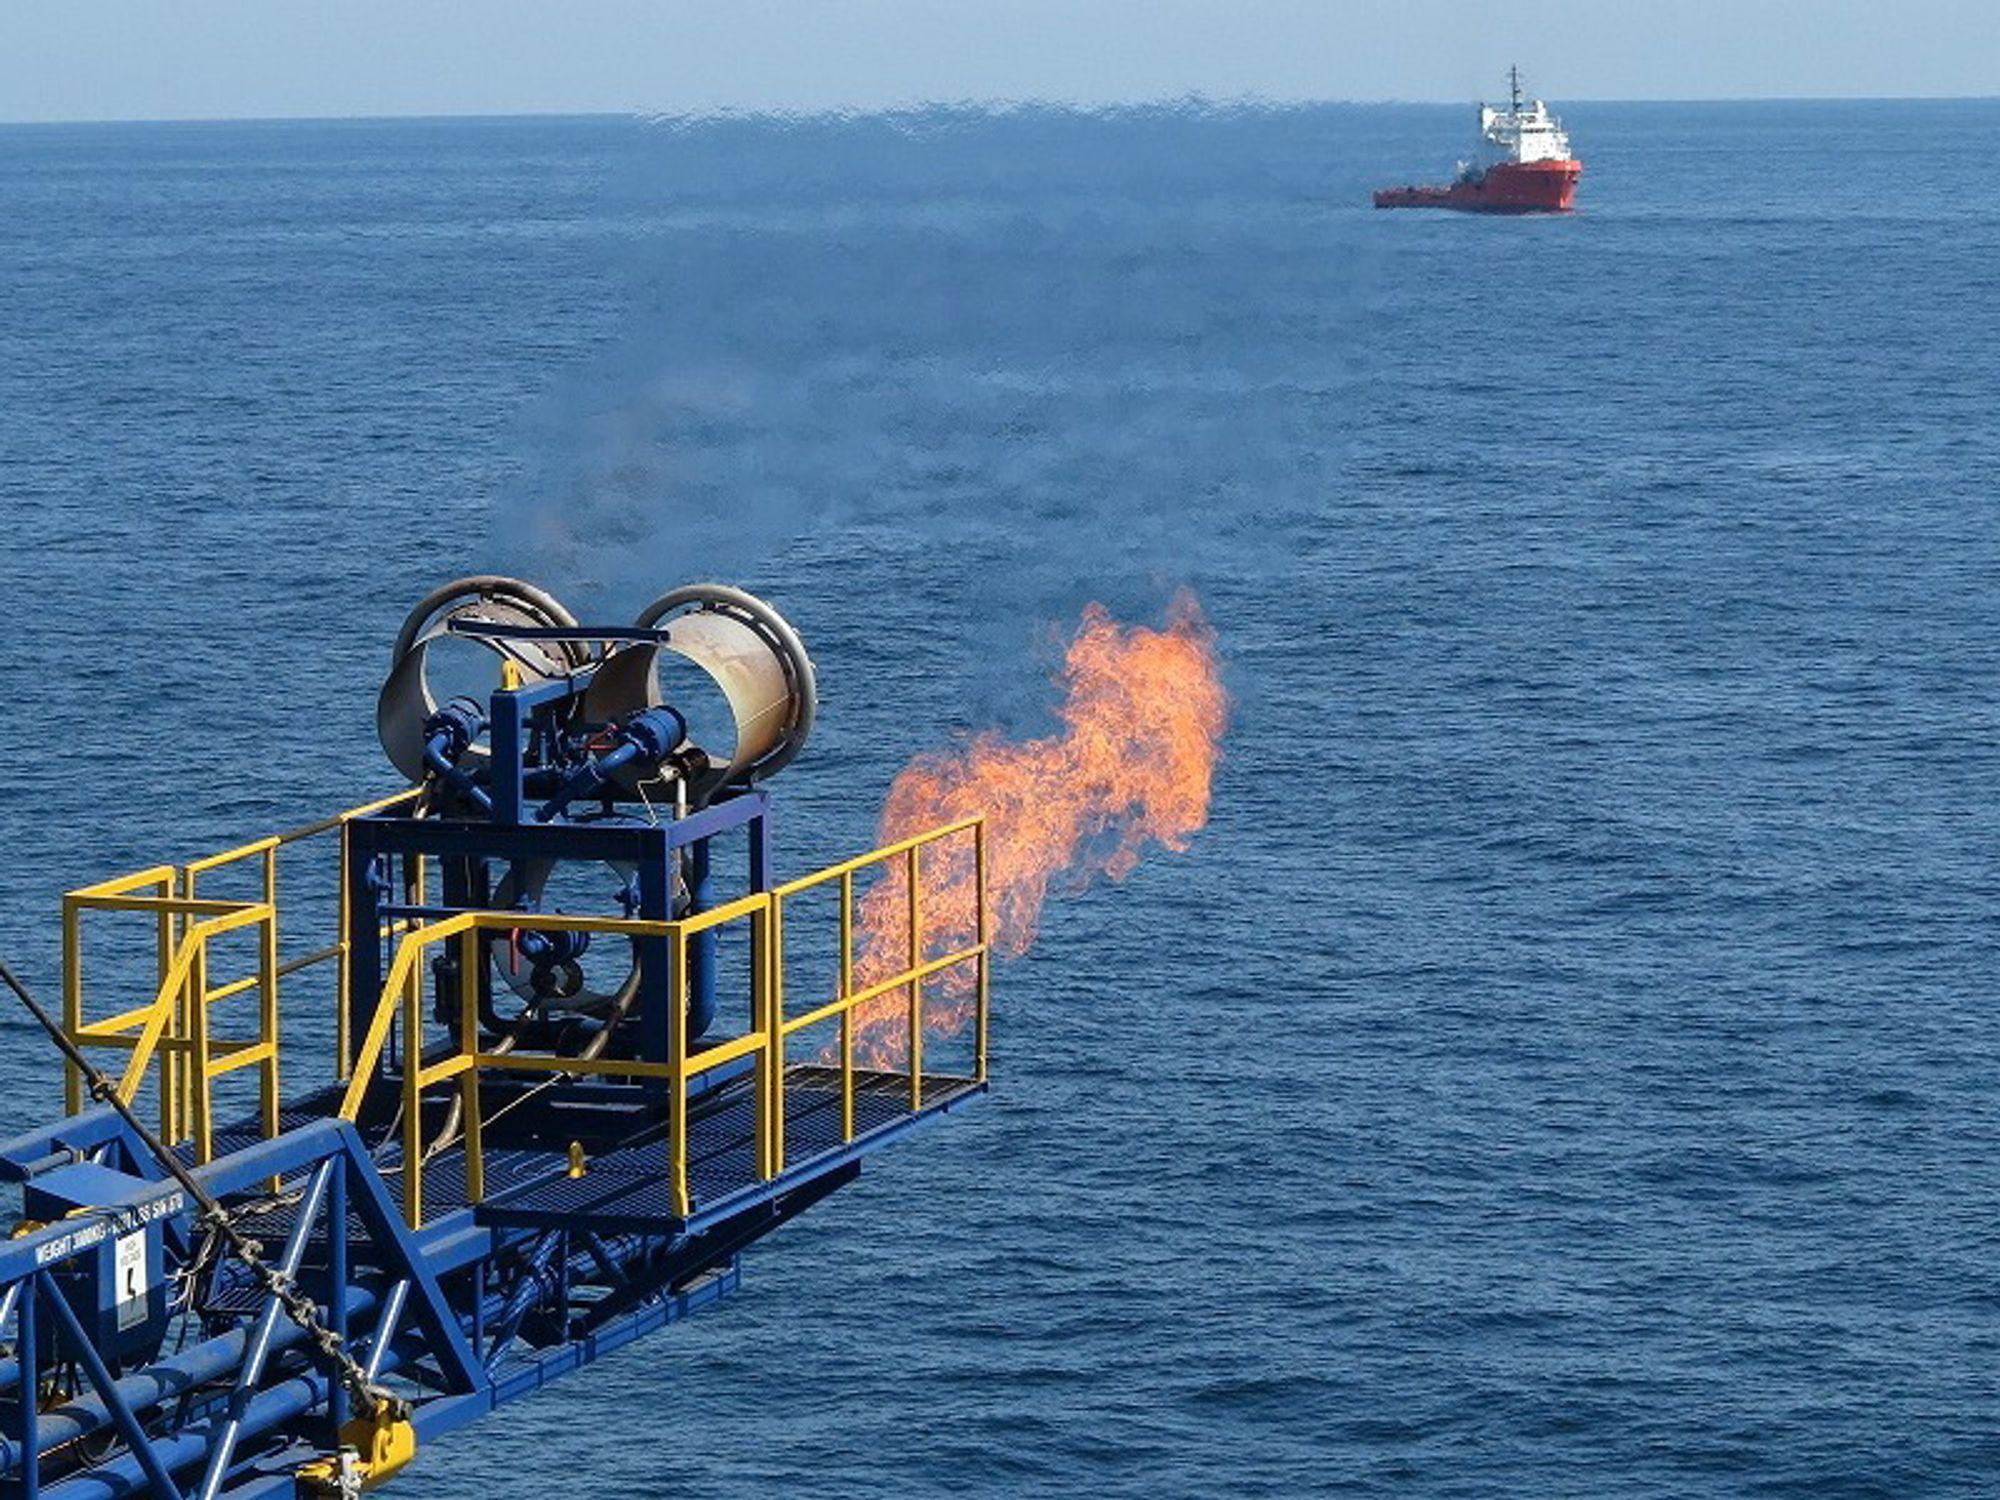 """For første gang er det hentet ut metangass fra gasshydrater under havbunnen. Her fakles gassen fra forskningsskipet """"Chikyu""""."""